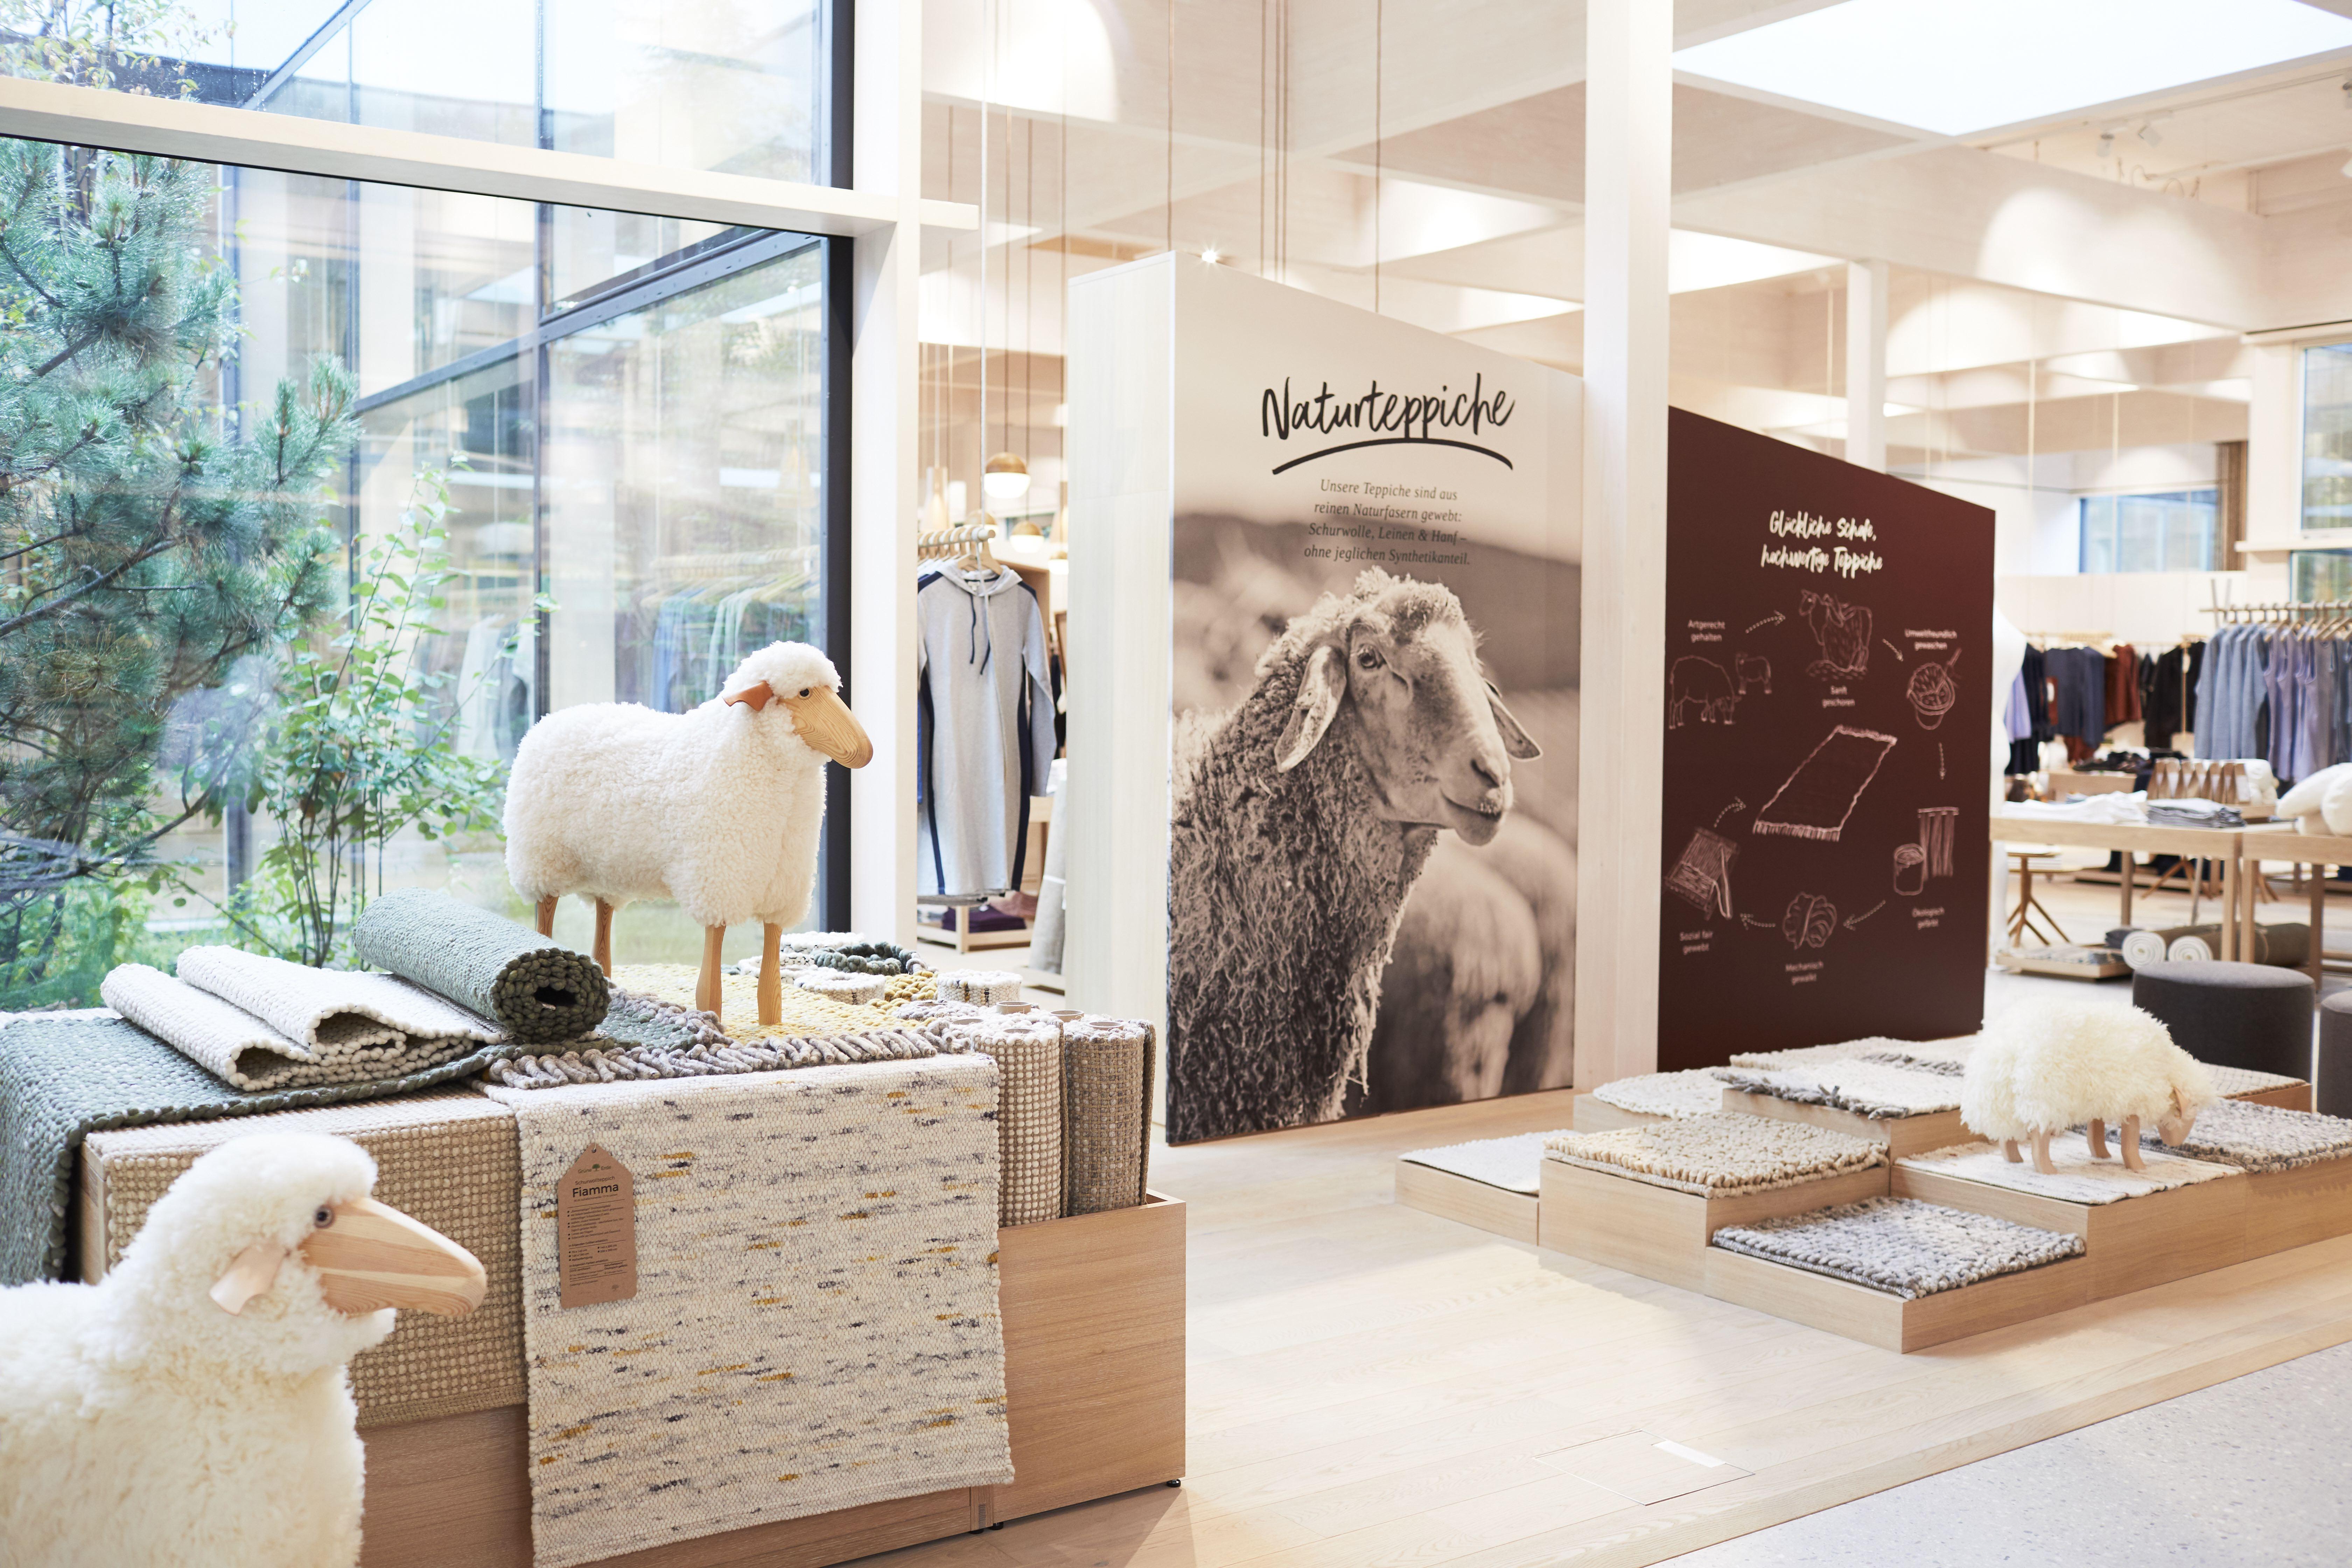 Grüne Erde Welt Möbel Einzelhandel Steinfelden österreich